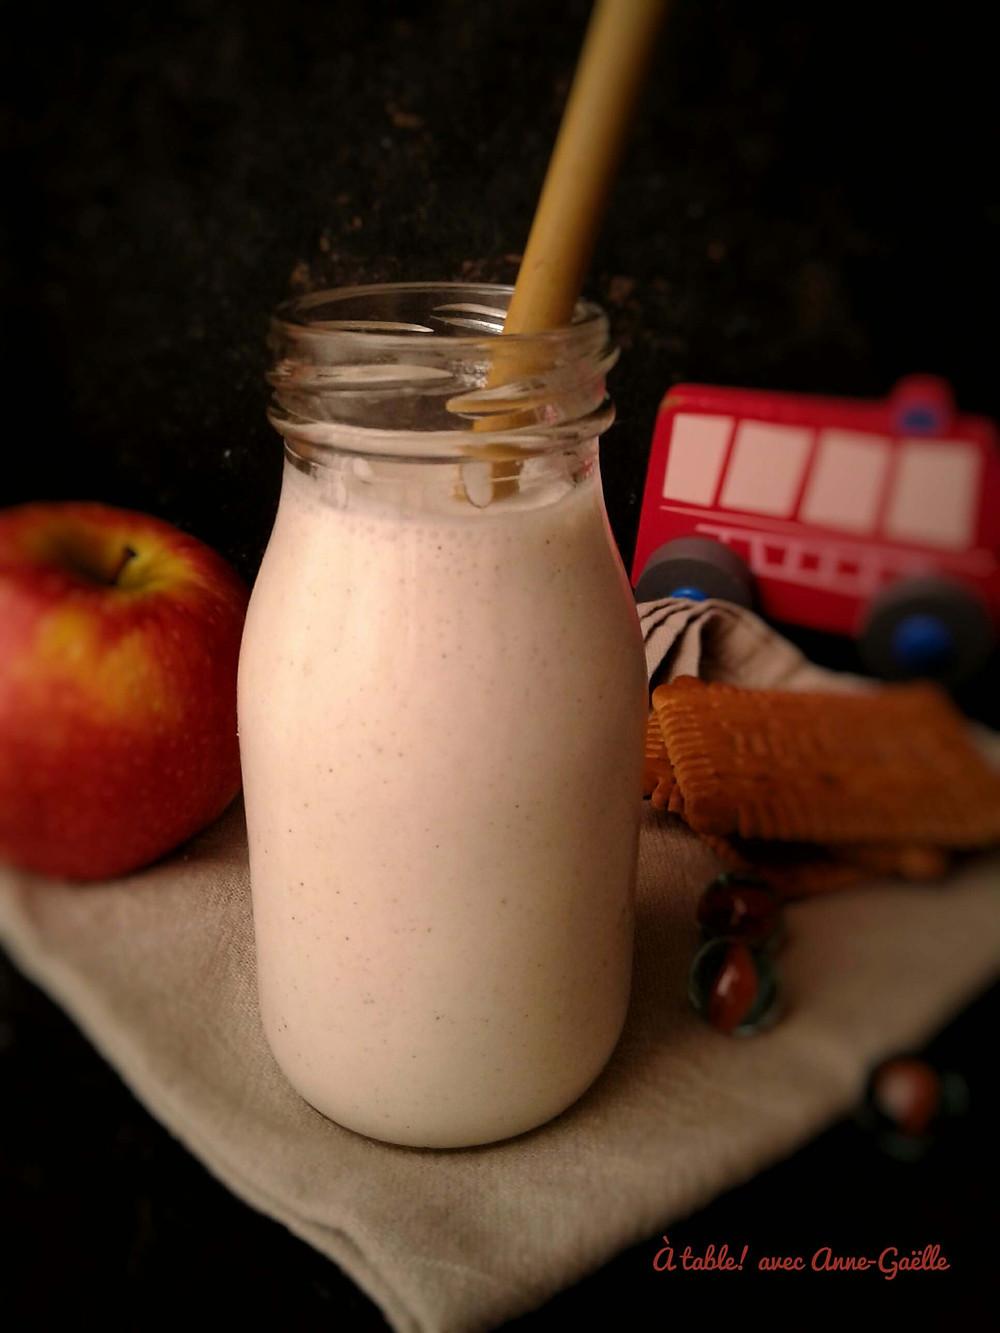 Bouteille en verre contenant du yaourt à boire, goûter et jouets d'enfant.